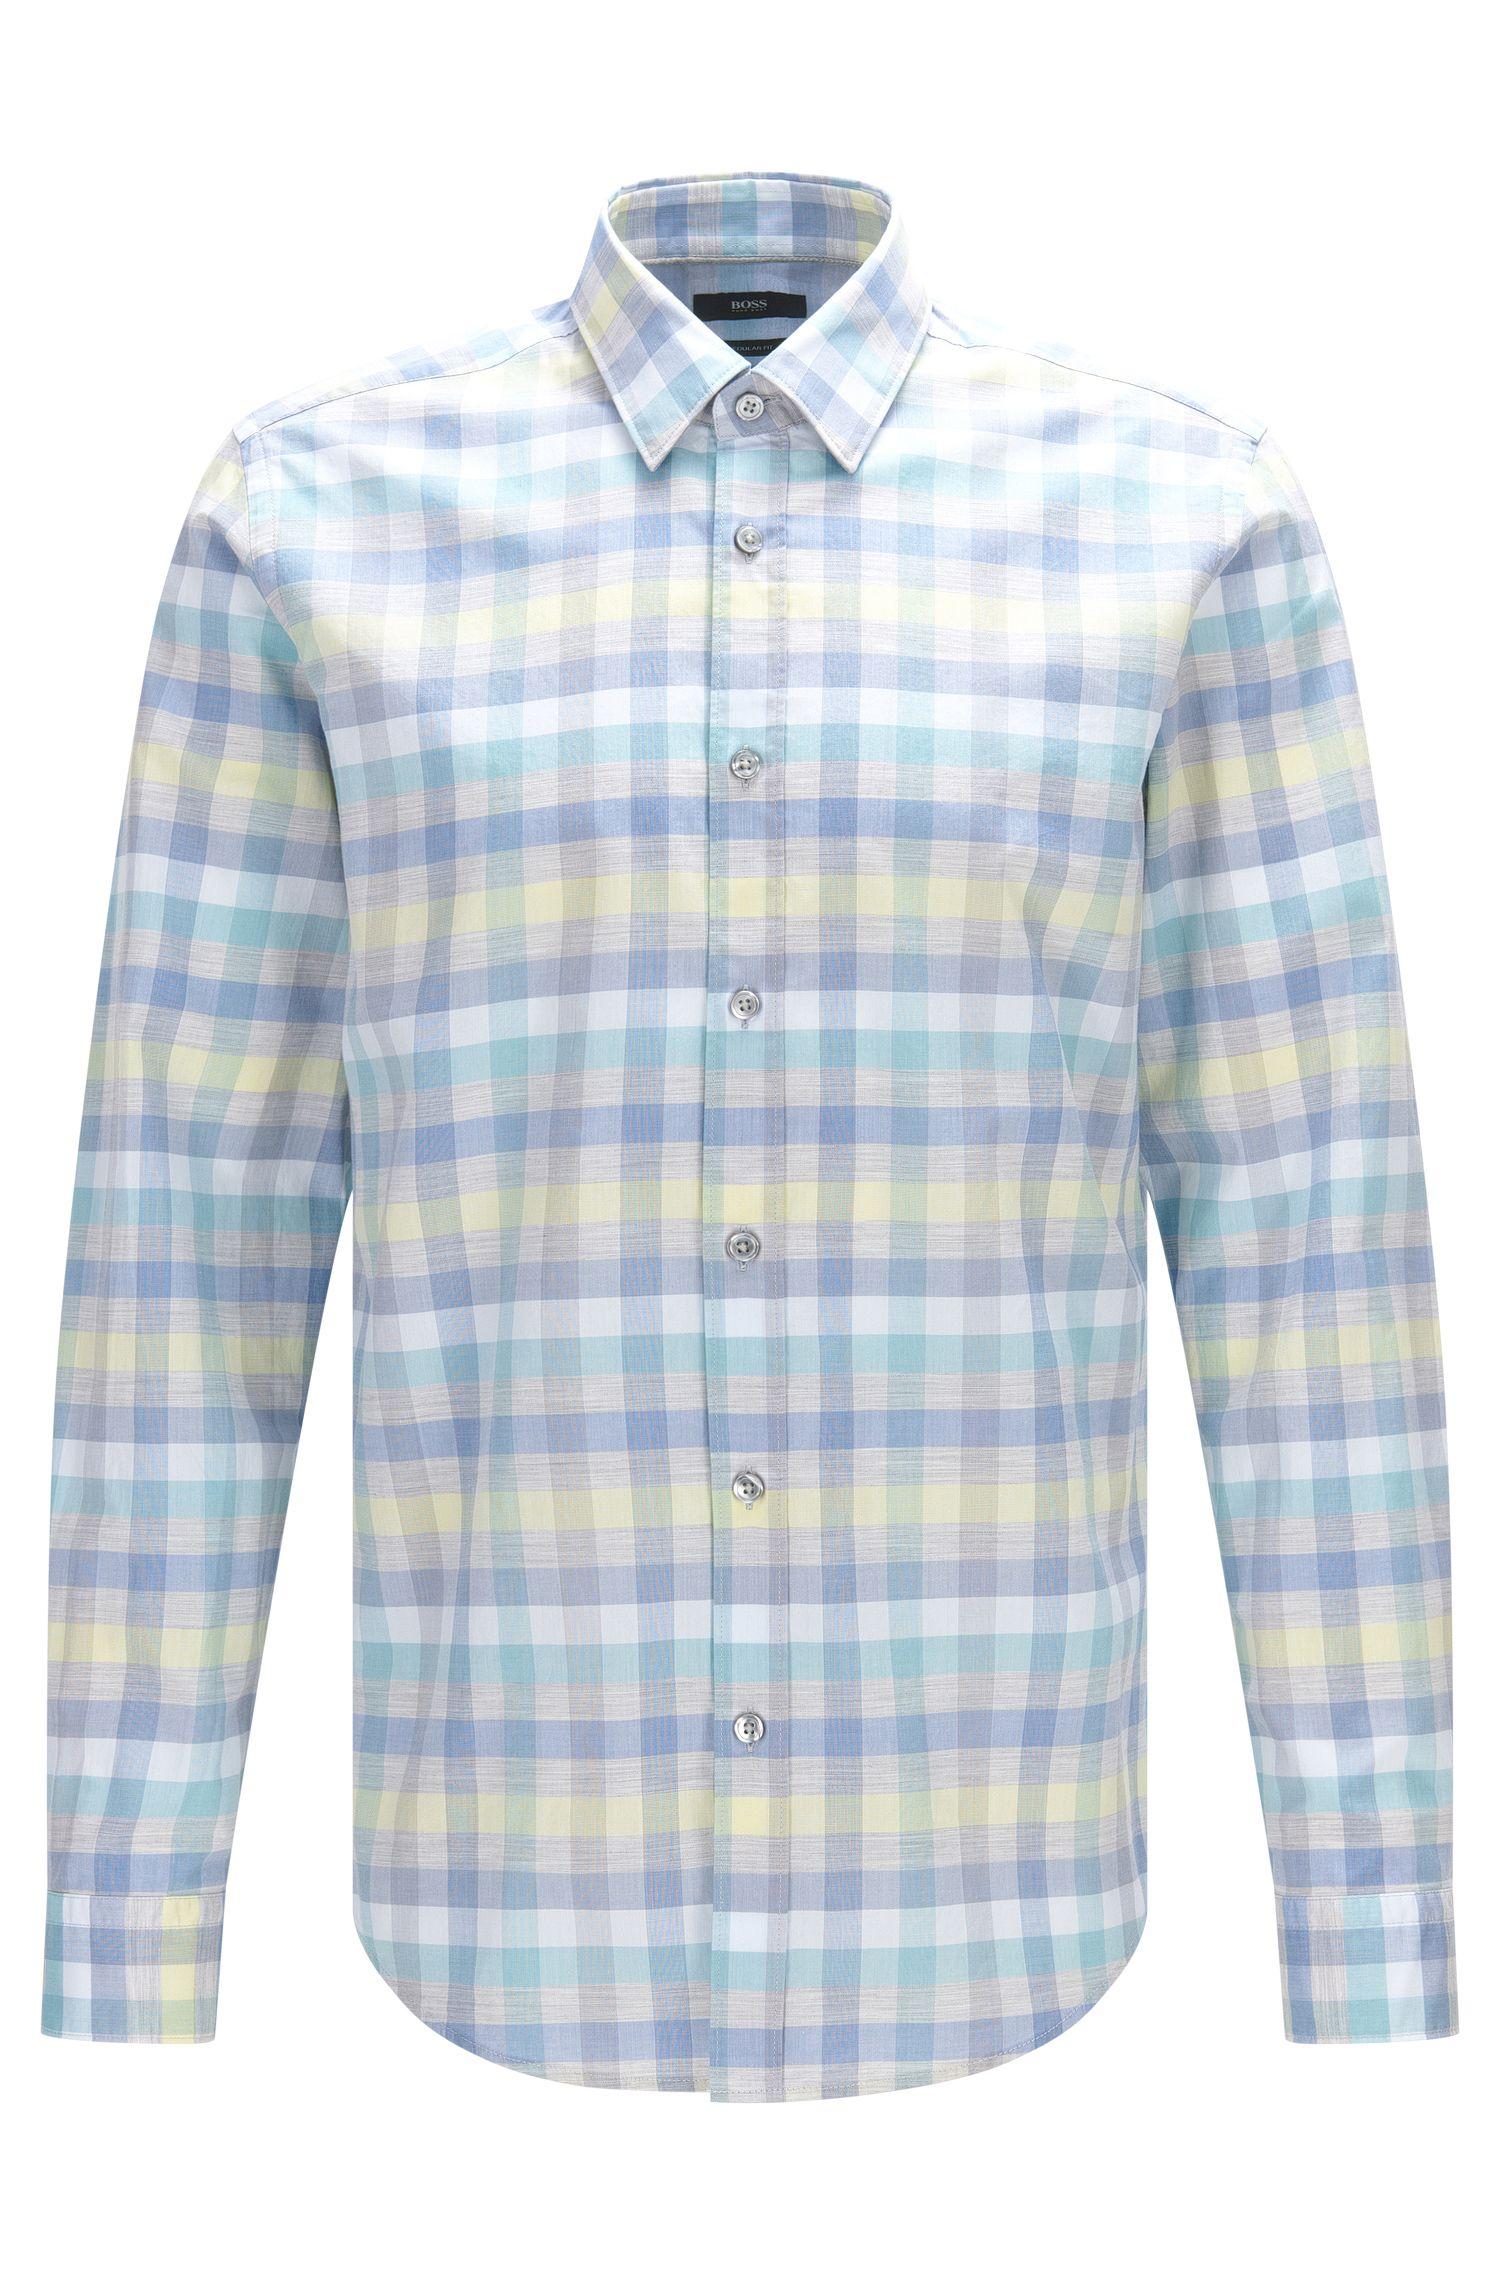 Cotton Button Down Shirt, Regular Fit | Lukas